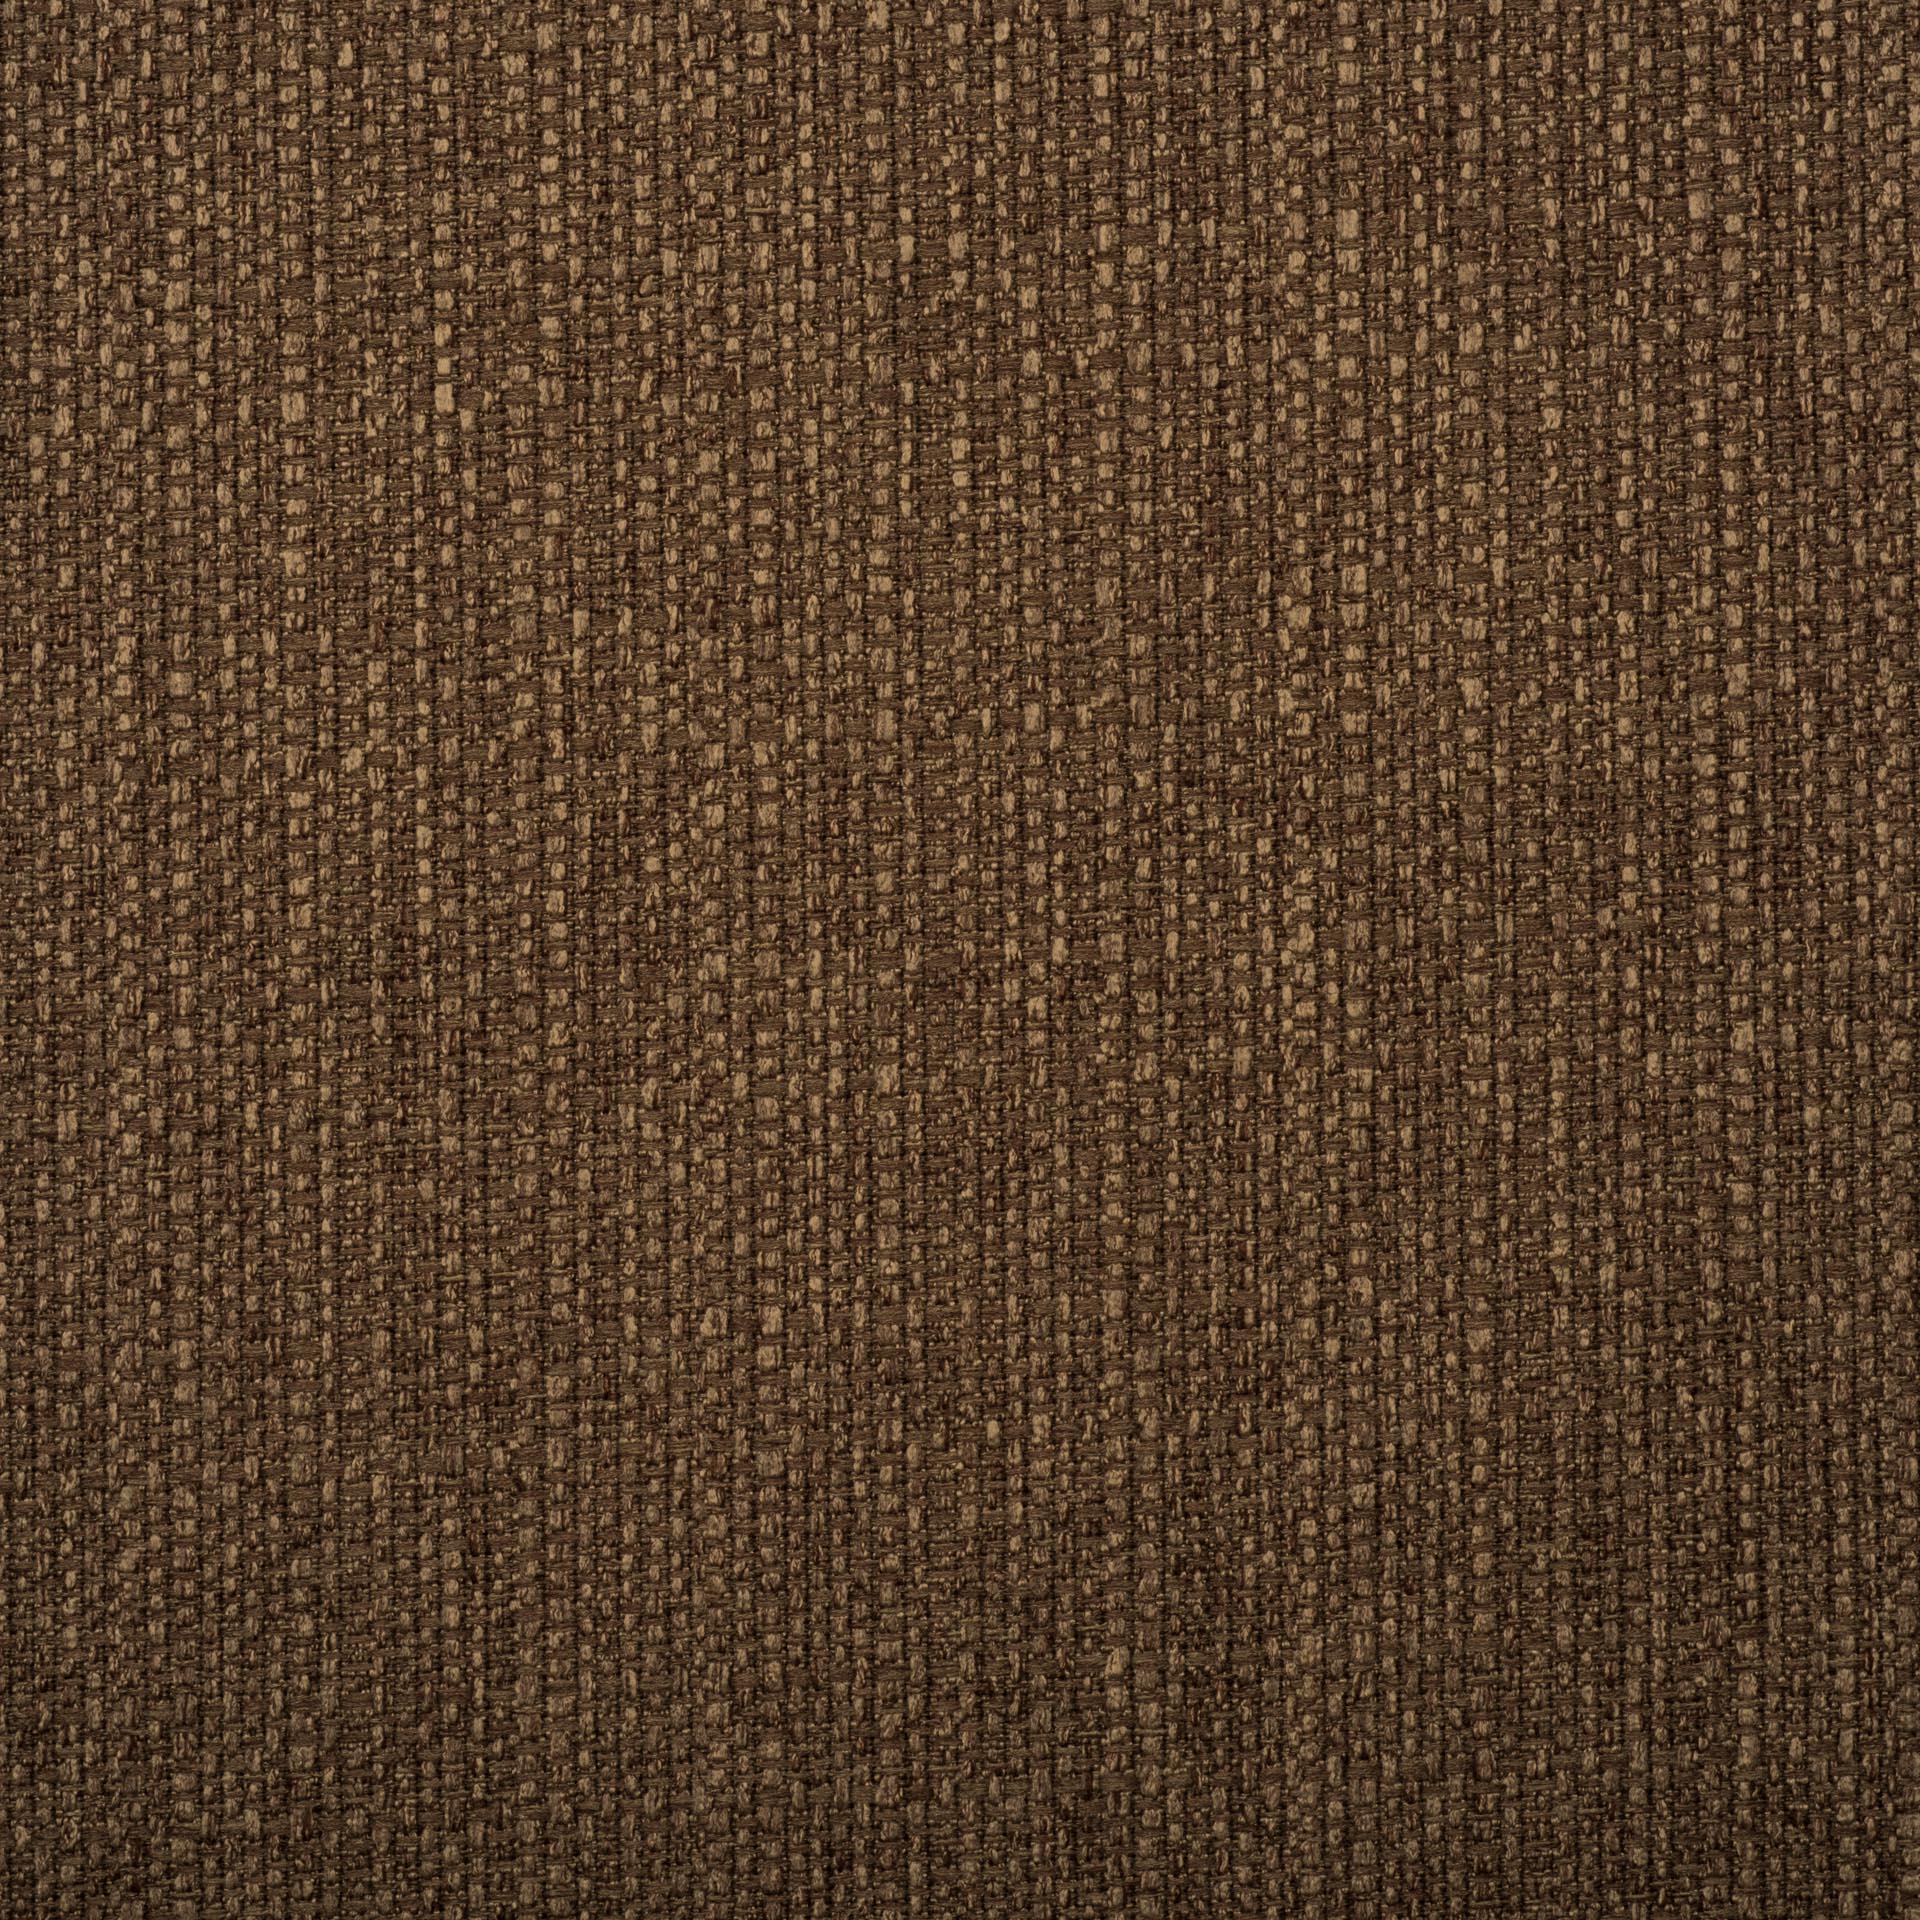 Коллекция ткани Портленд GOLD BROWN 24,  купить ткань Рогожка для мебели Украина